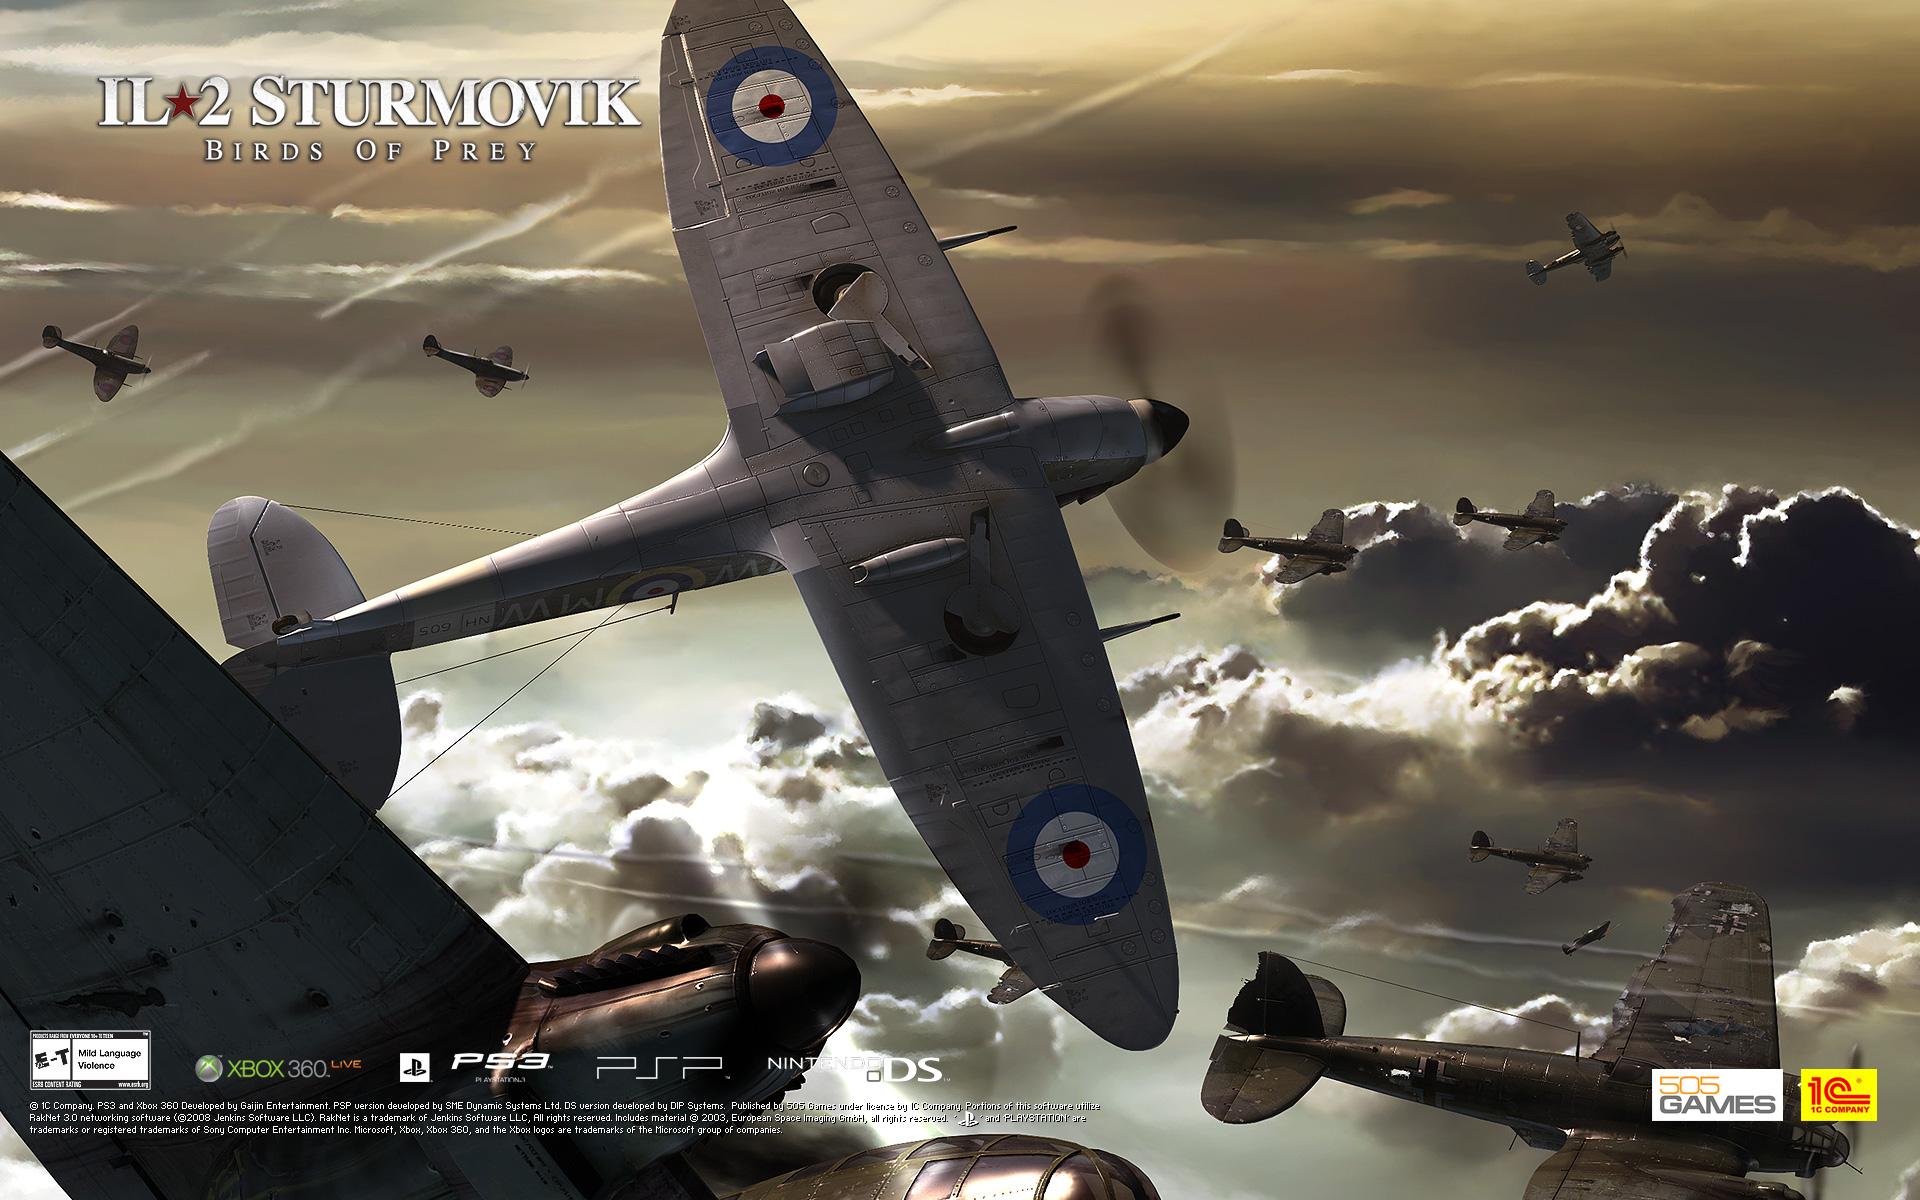 HQ IL-2 Sturmovik: Birds Of Prey Wallpapers | File 594.59Kb